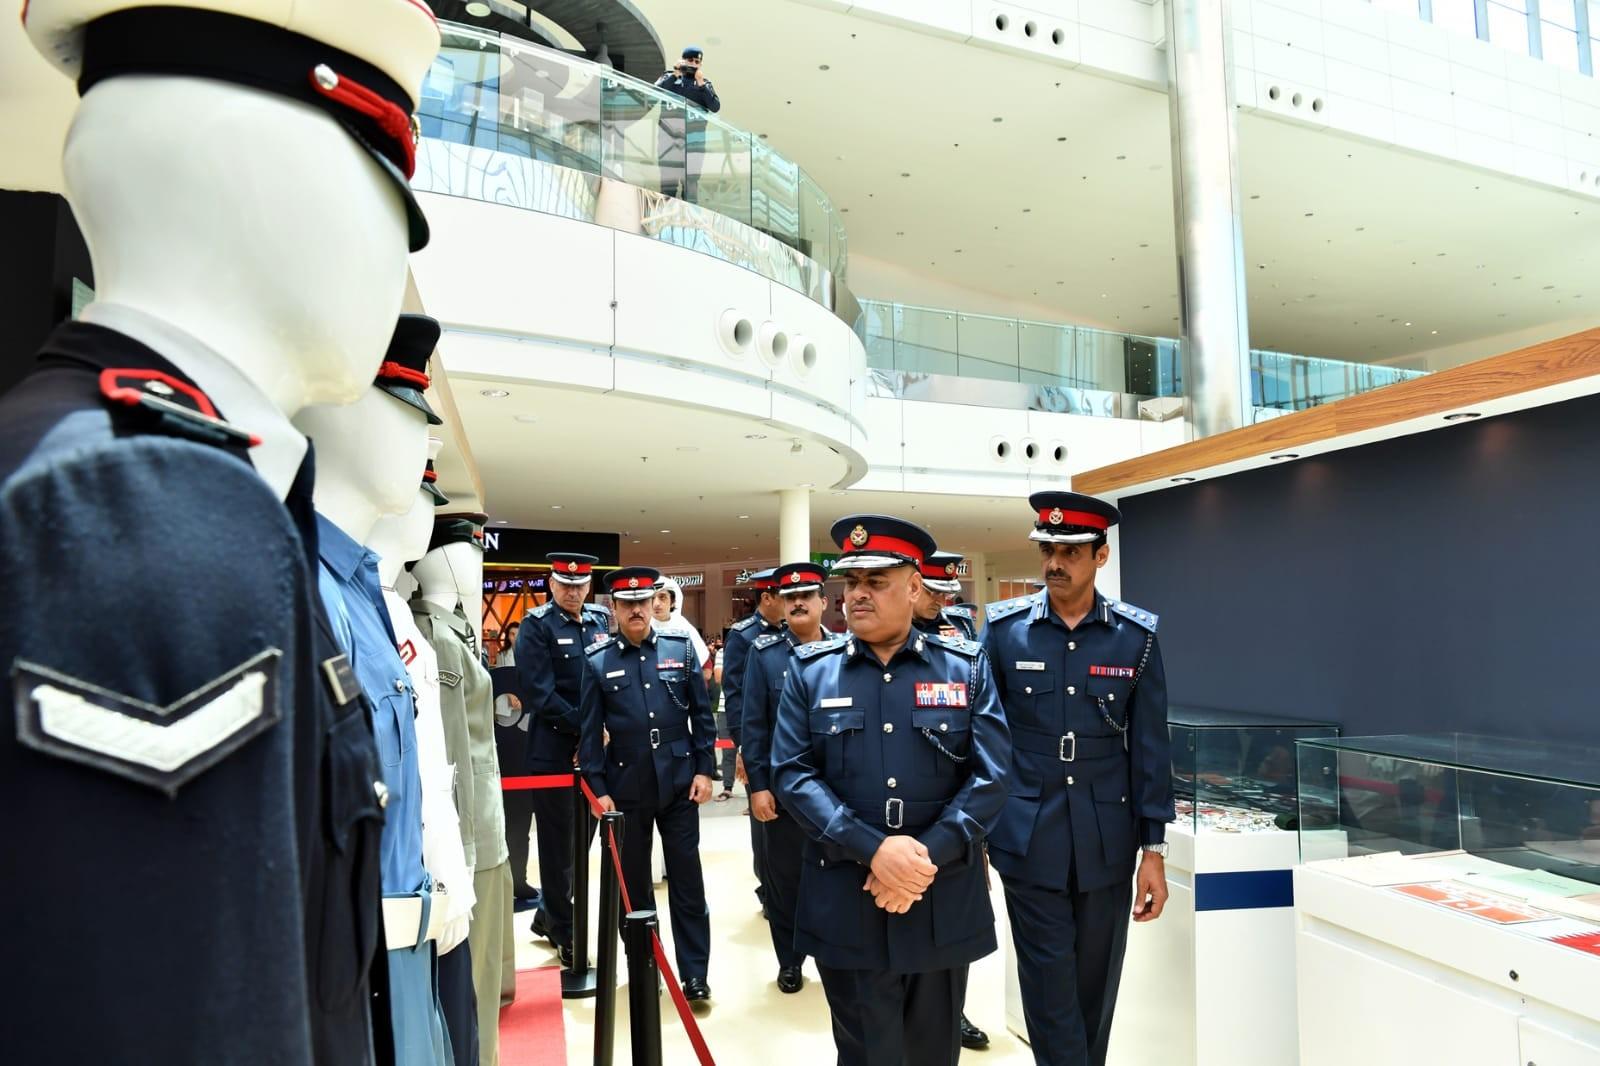 رئيس الأمن العام يؤكد اعتزازه بتاريخ شرطة البحرين وشراكتها المجتمعية